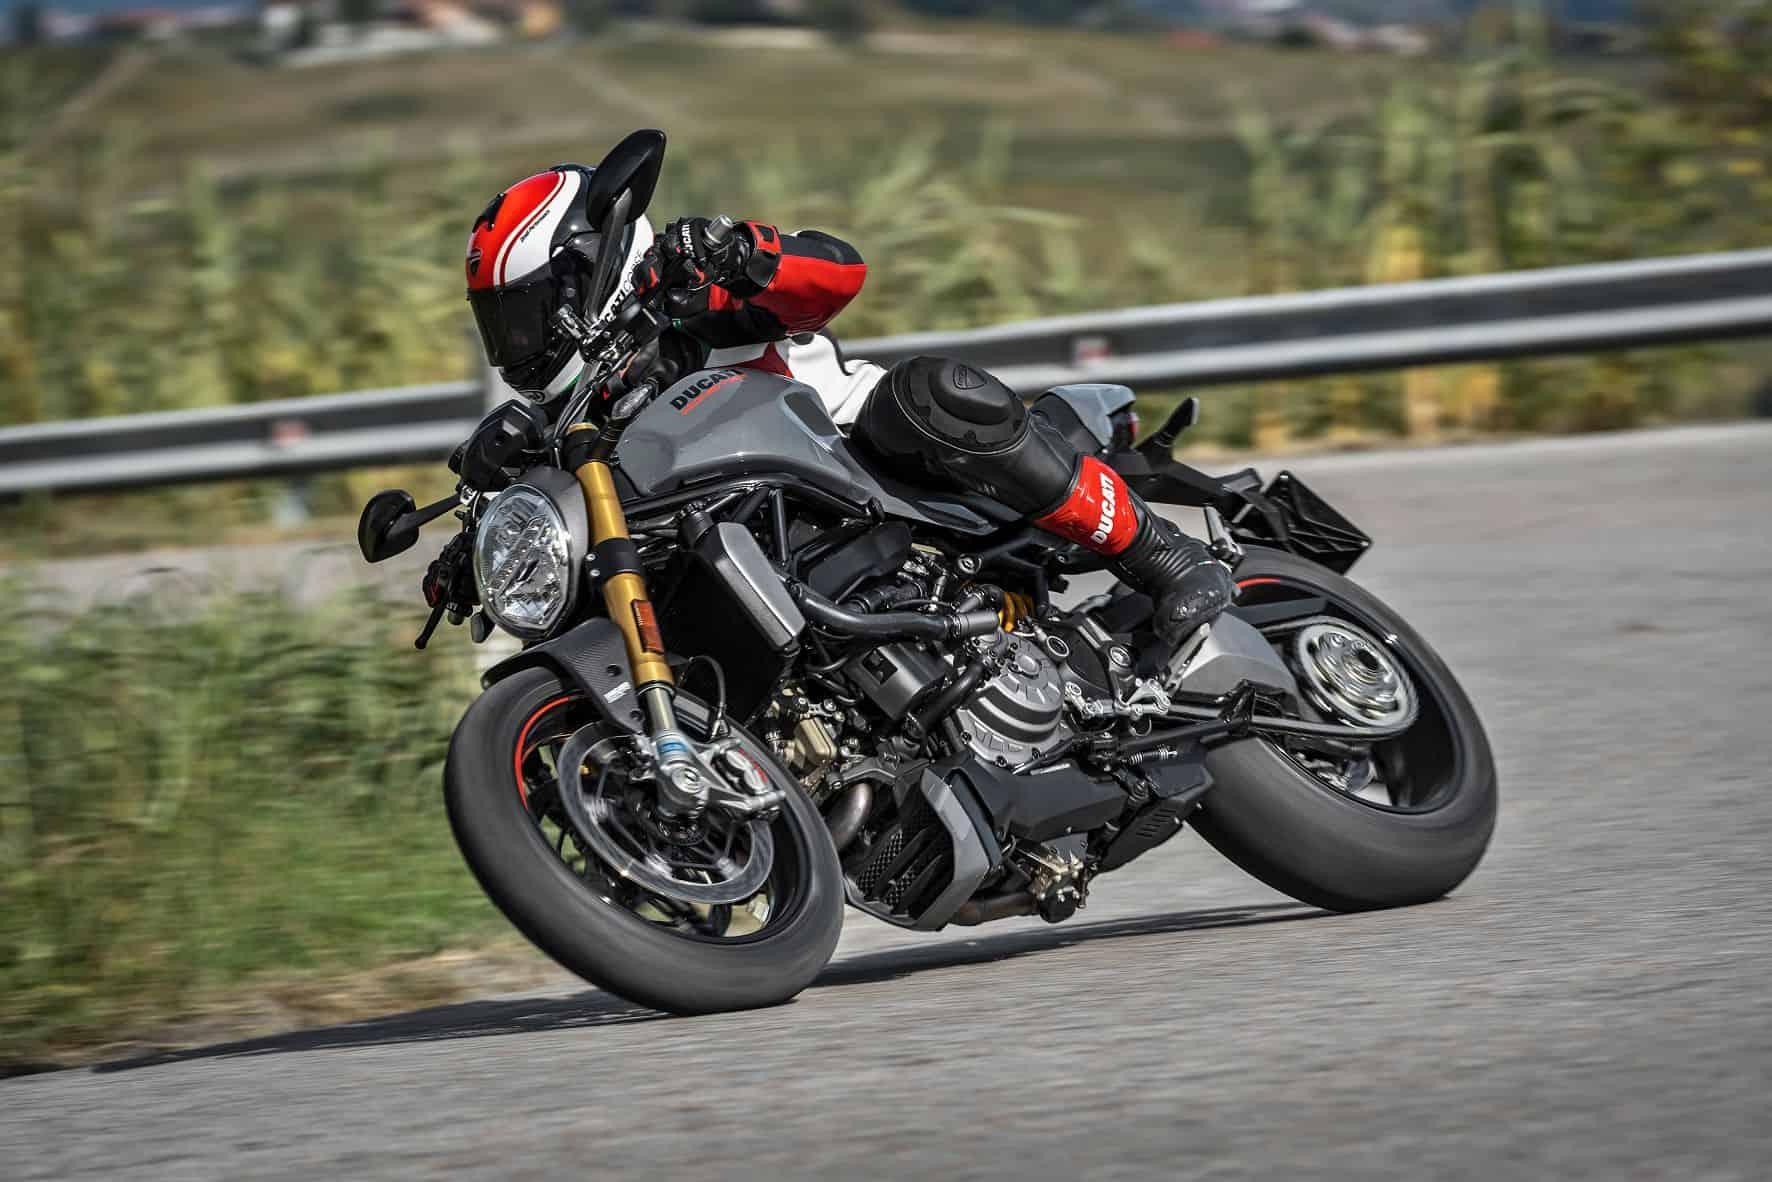 Monster 1200 S Test Ride